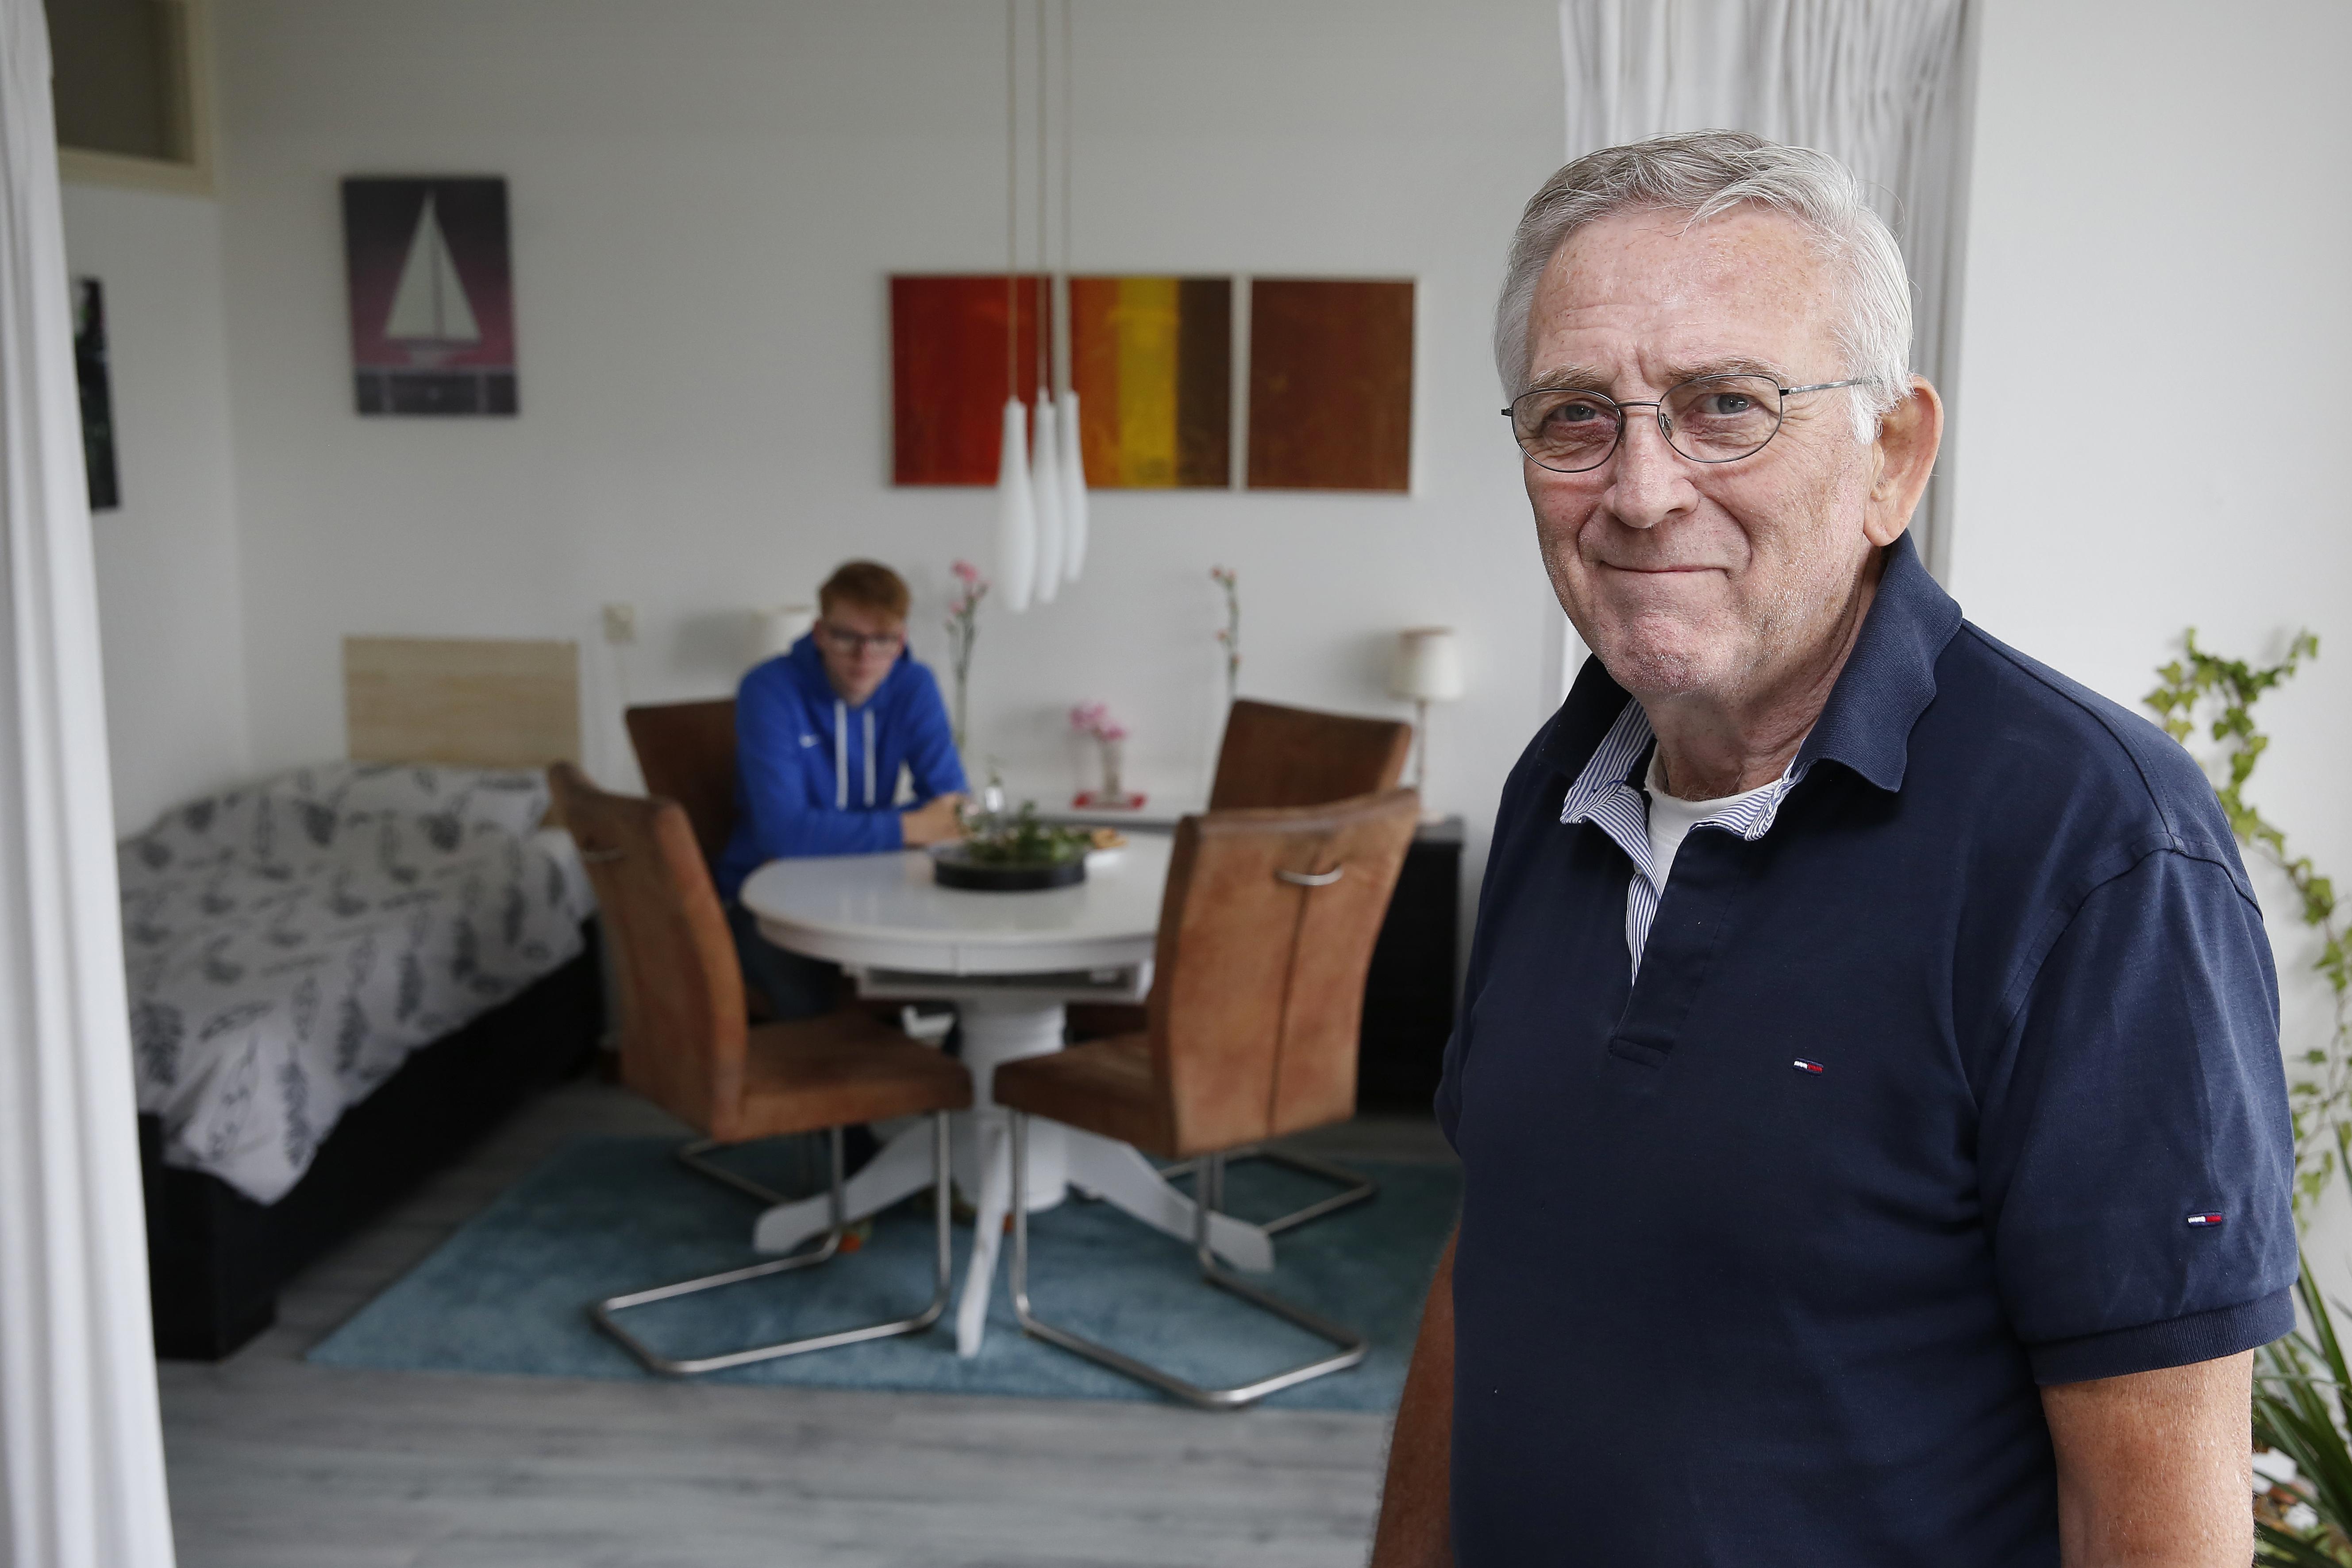 De 17-jarige Freek woont bij Bert in zijn seniorenwoning, dankzij Kamers met Aandacht; 'Mijn jeugd is rot gelopen. Die tijd wil ik hier achter me laten'